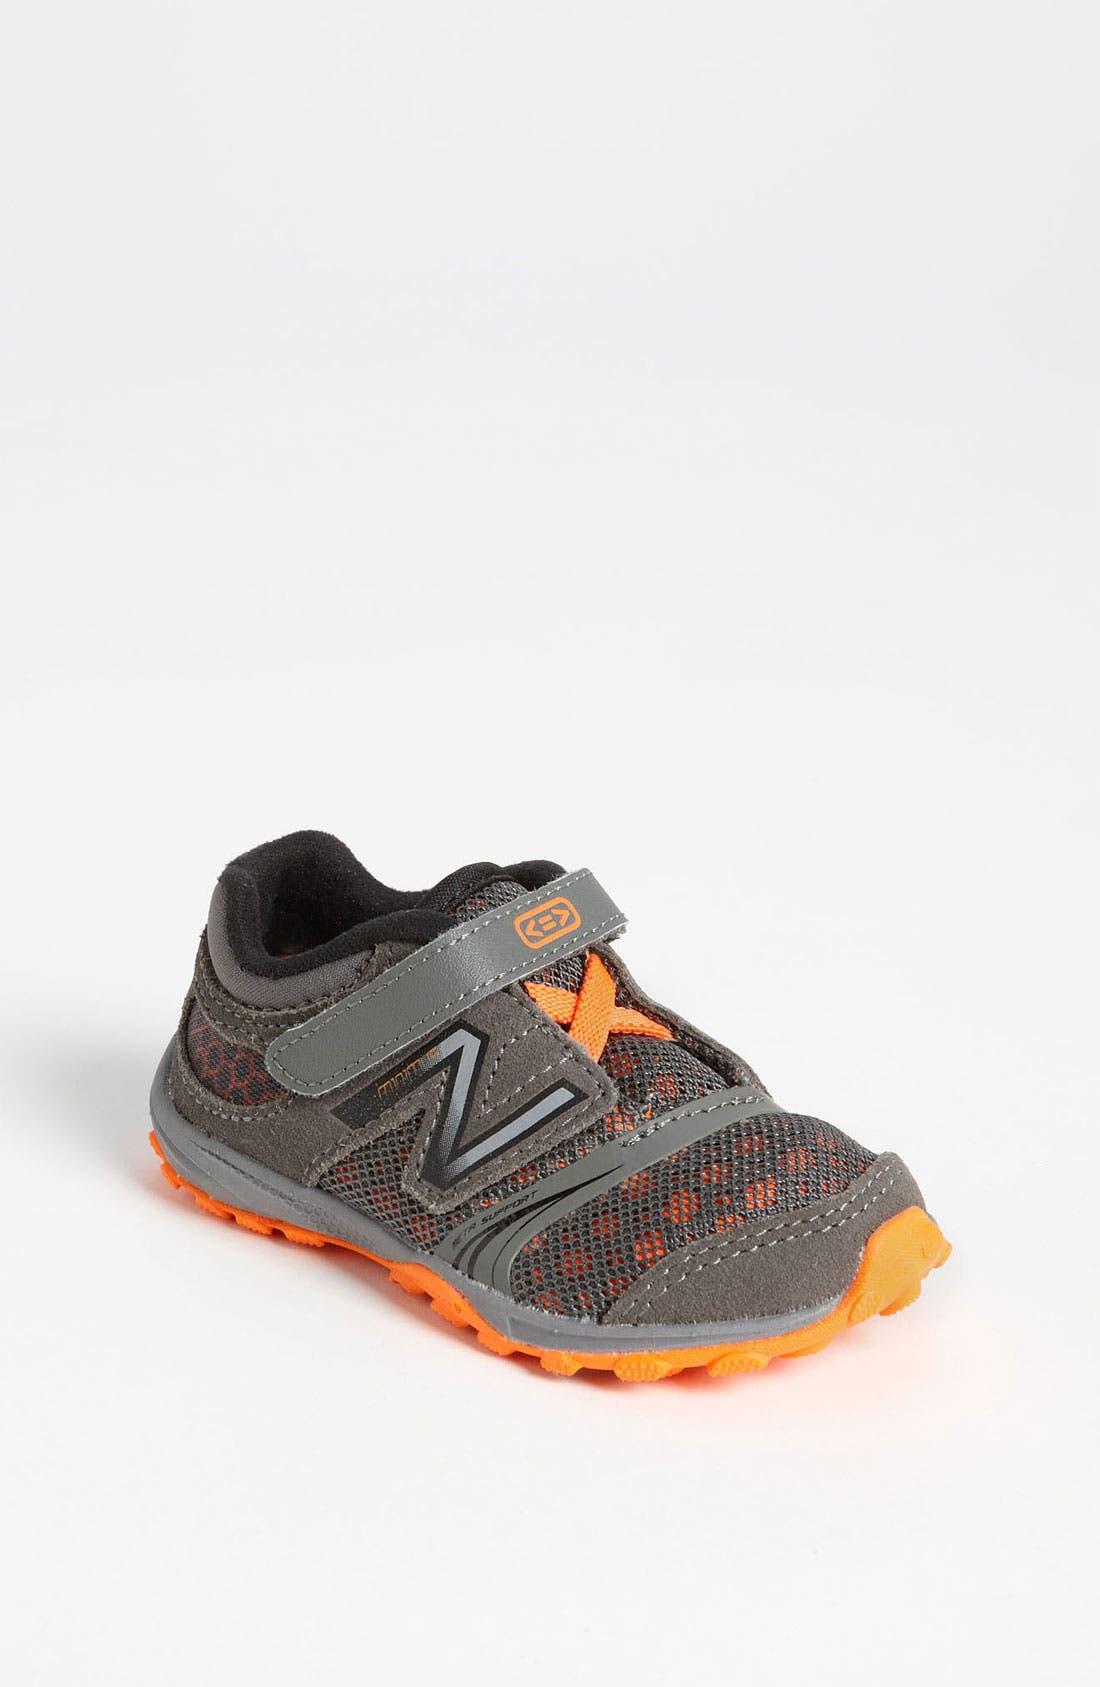 Alternate Image 1 Selected - New Balance 'Takedown 20V3' Running Shoe (Baby, Walker & Toddler)